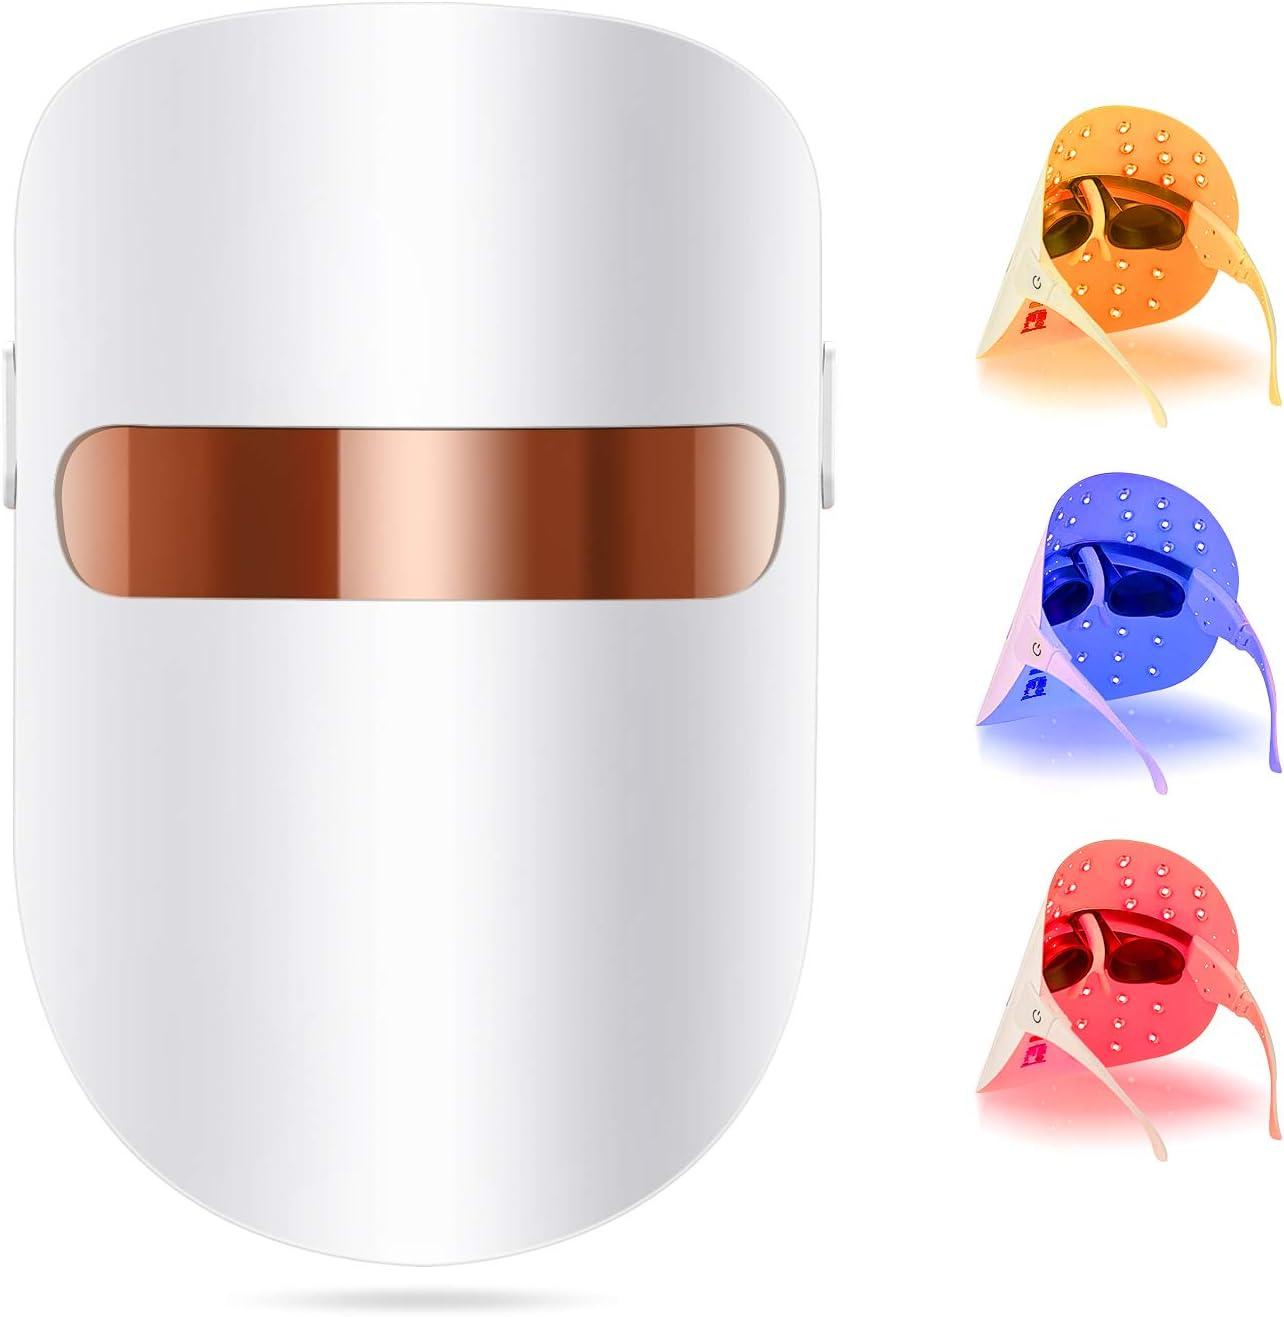 Hangsun - Máscara facial antiacné para terapia con luz led, terapia de fotones FT350 contra el acné, para el rejuvenecimiento de la piel, reduce granos e inflamaciones con luz azul/roja/naranja